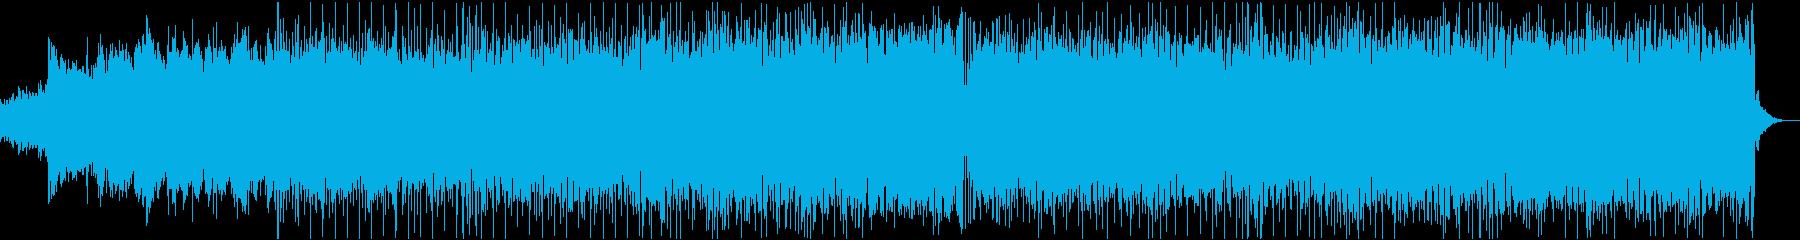 爽やかなシンセポップの再生済みの波形